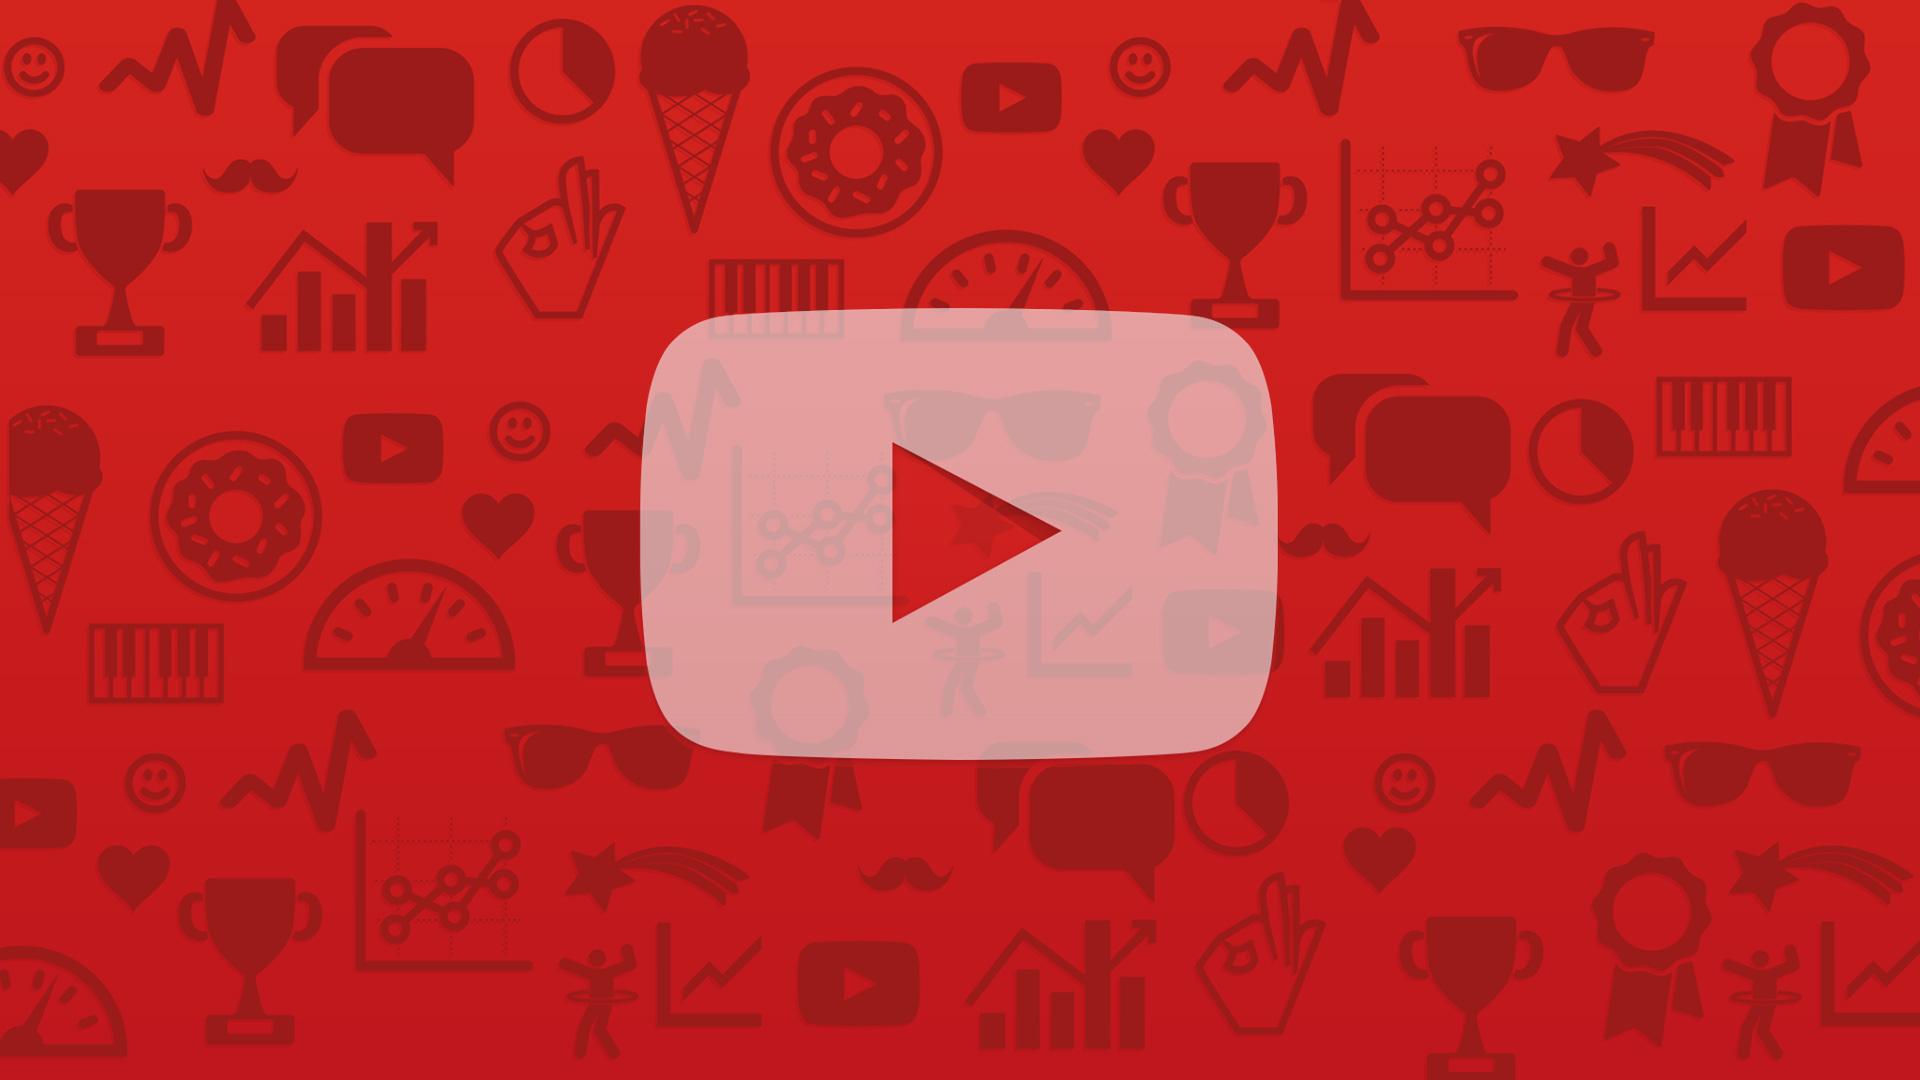 En este artículo os voy a explicar cómo personalizar un reproductor de  YouTube embebido utilizando los parámetros que el propio reproductor nos  otorga. b5622b2fb9c